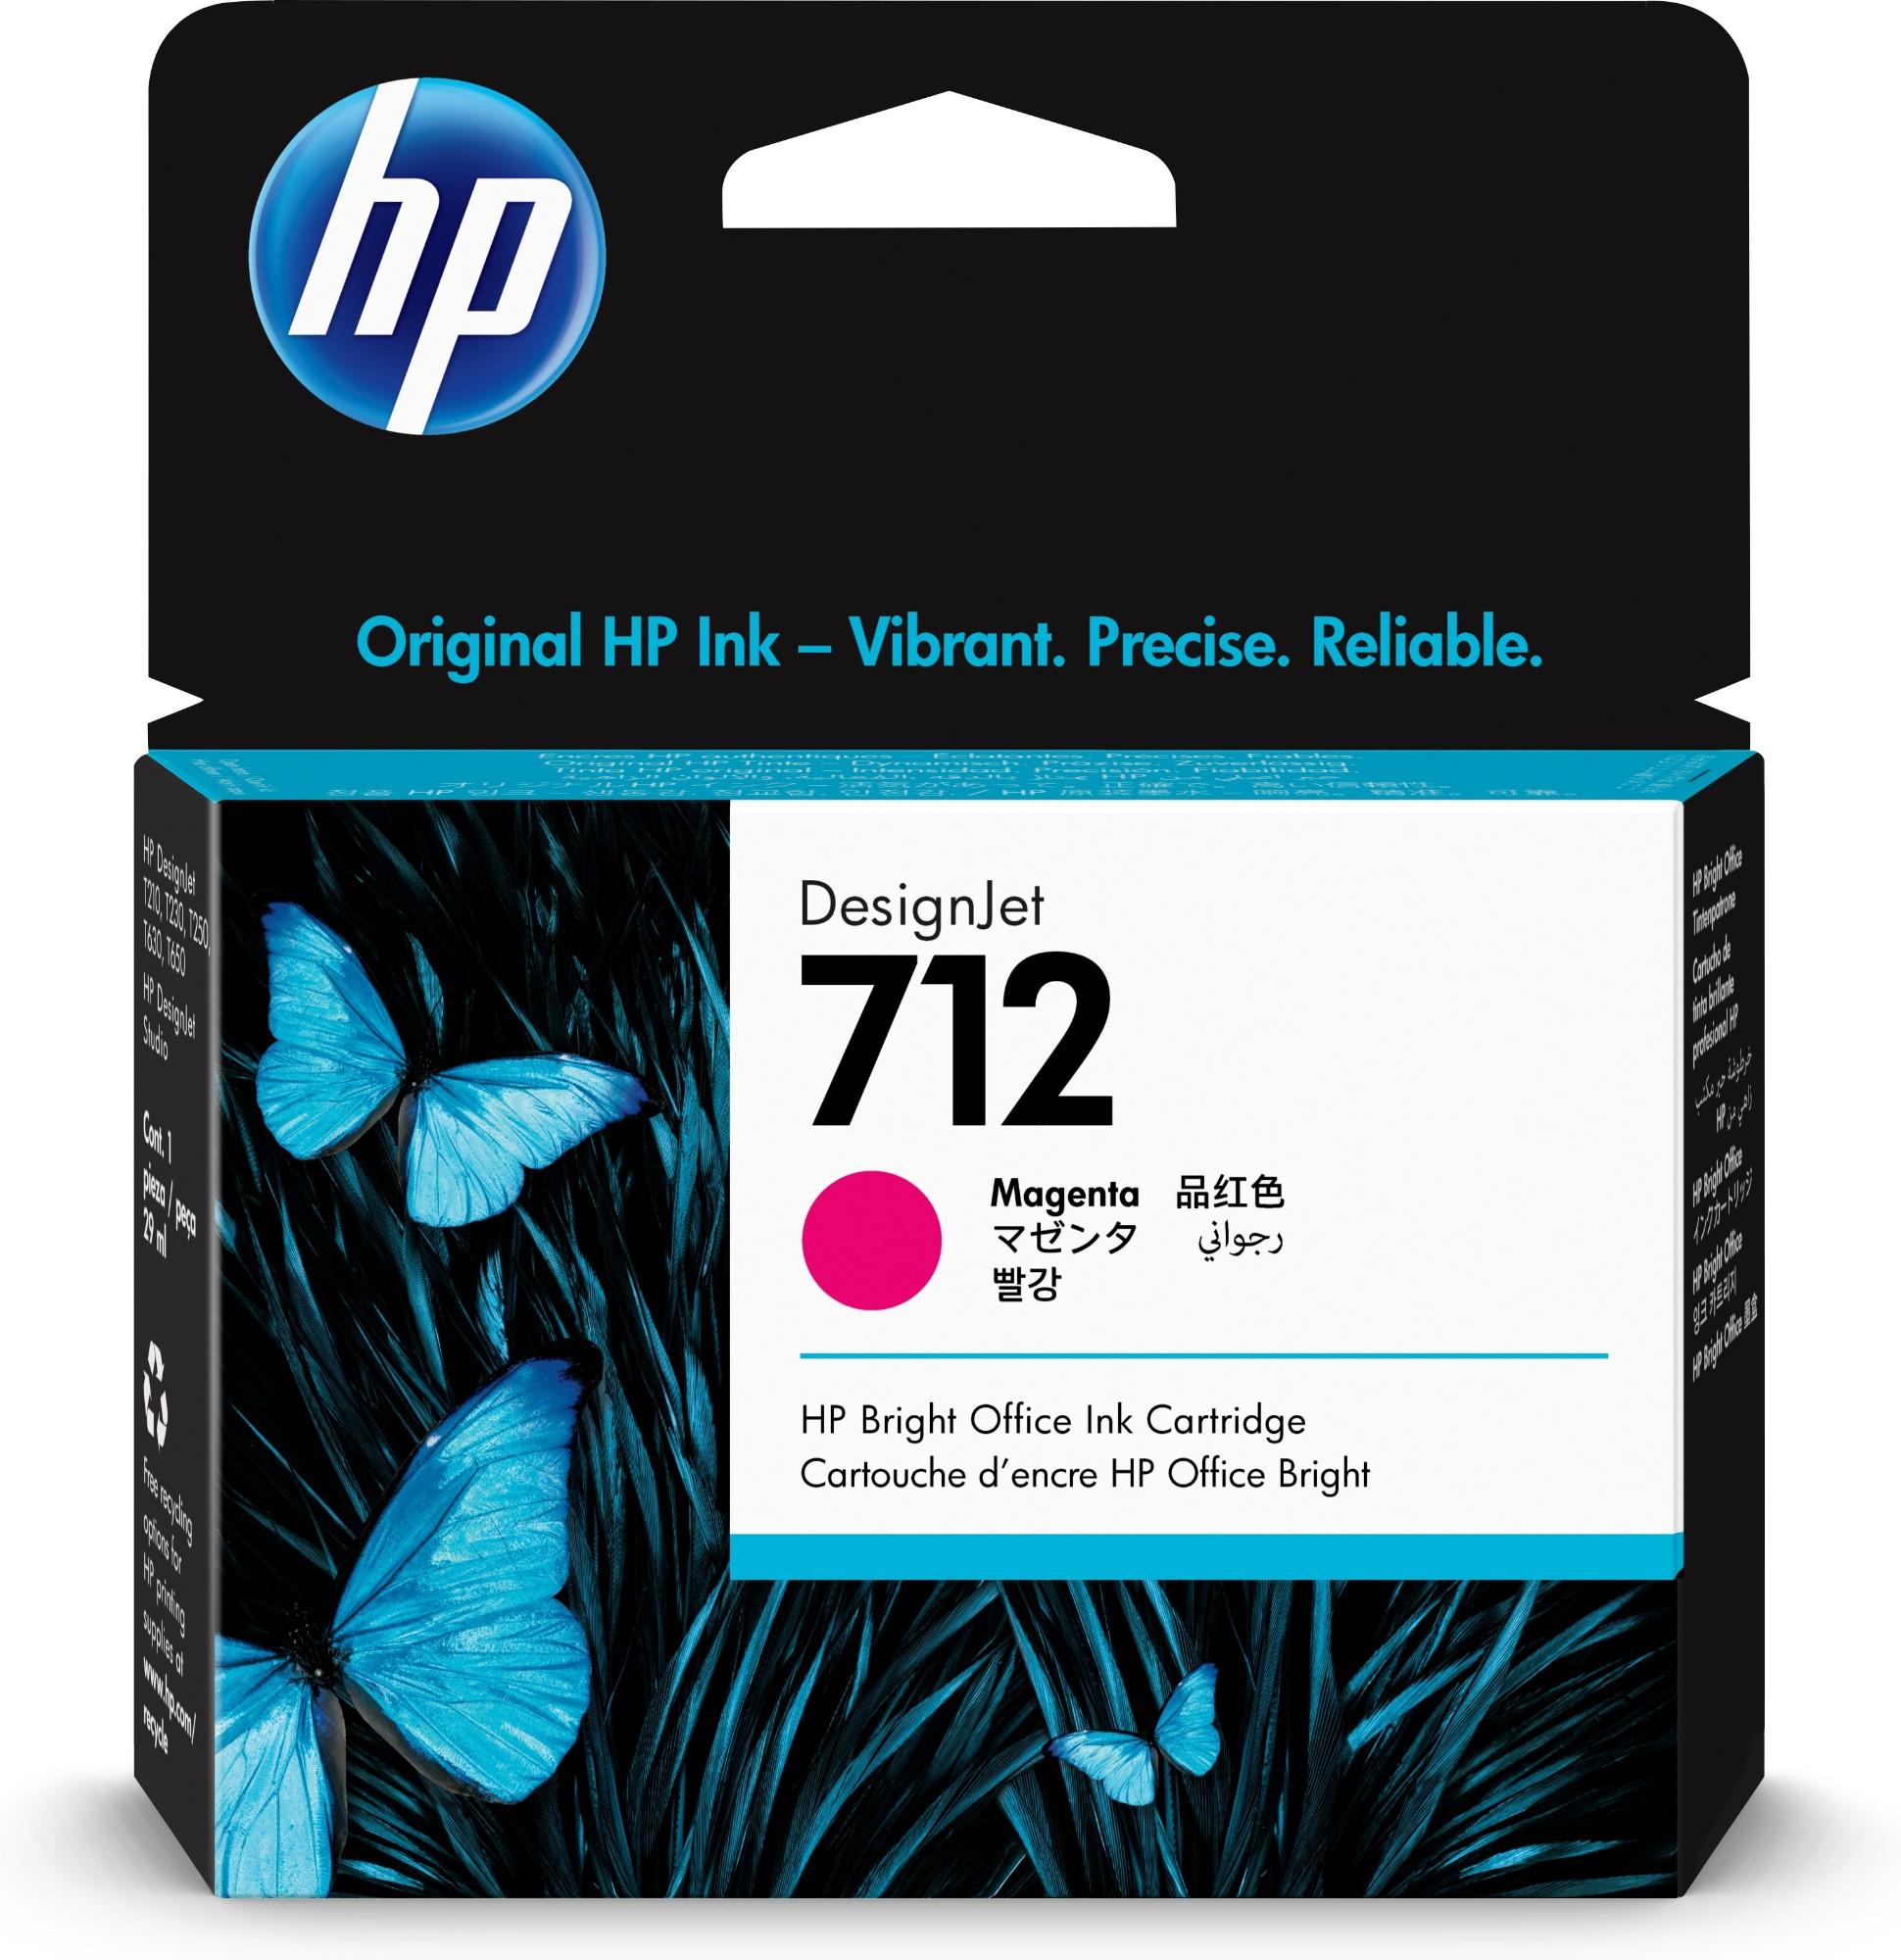 HP 712 Original Magenta 1 pieza(s) Rendimiento estándar